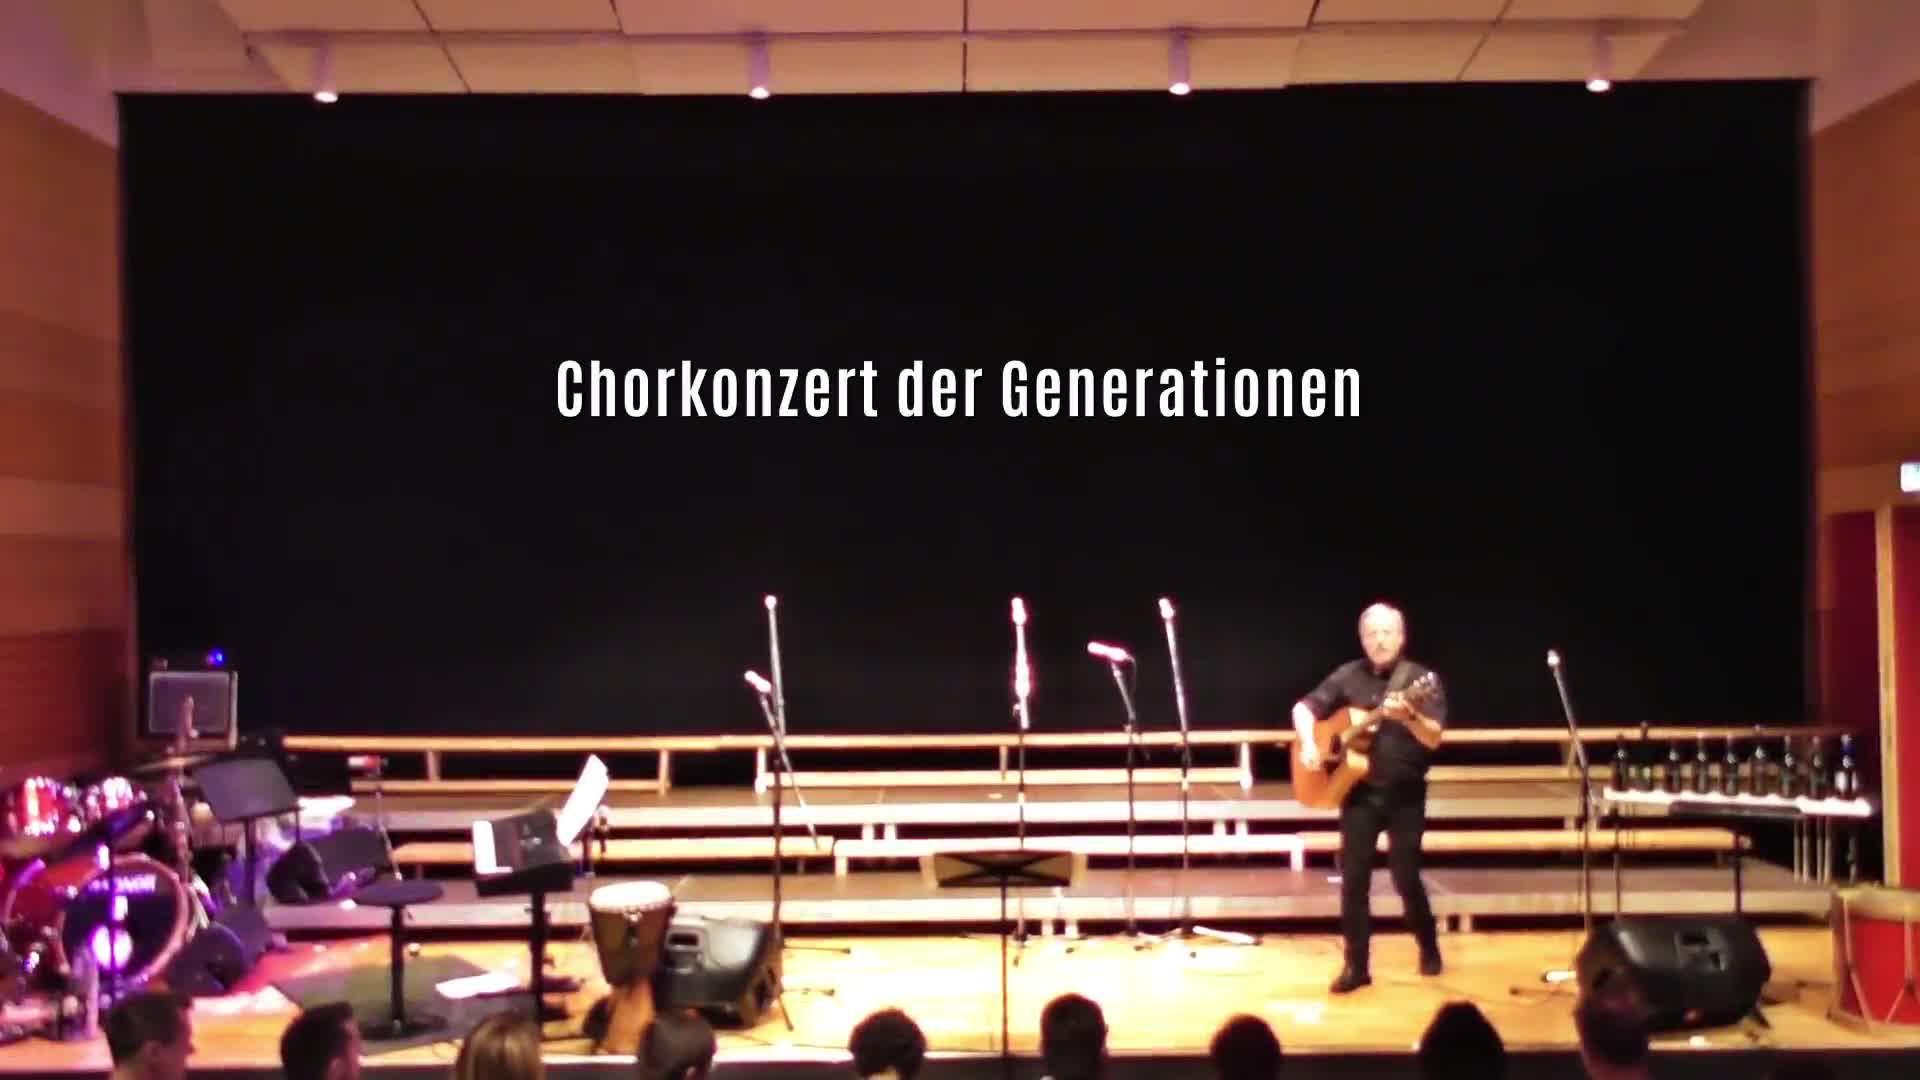 Chorkonzert der Generationen